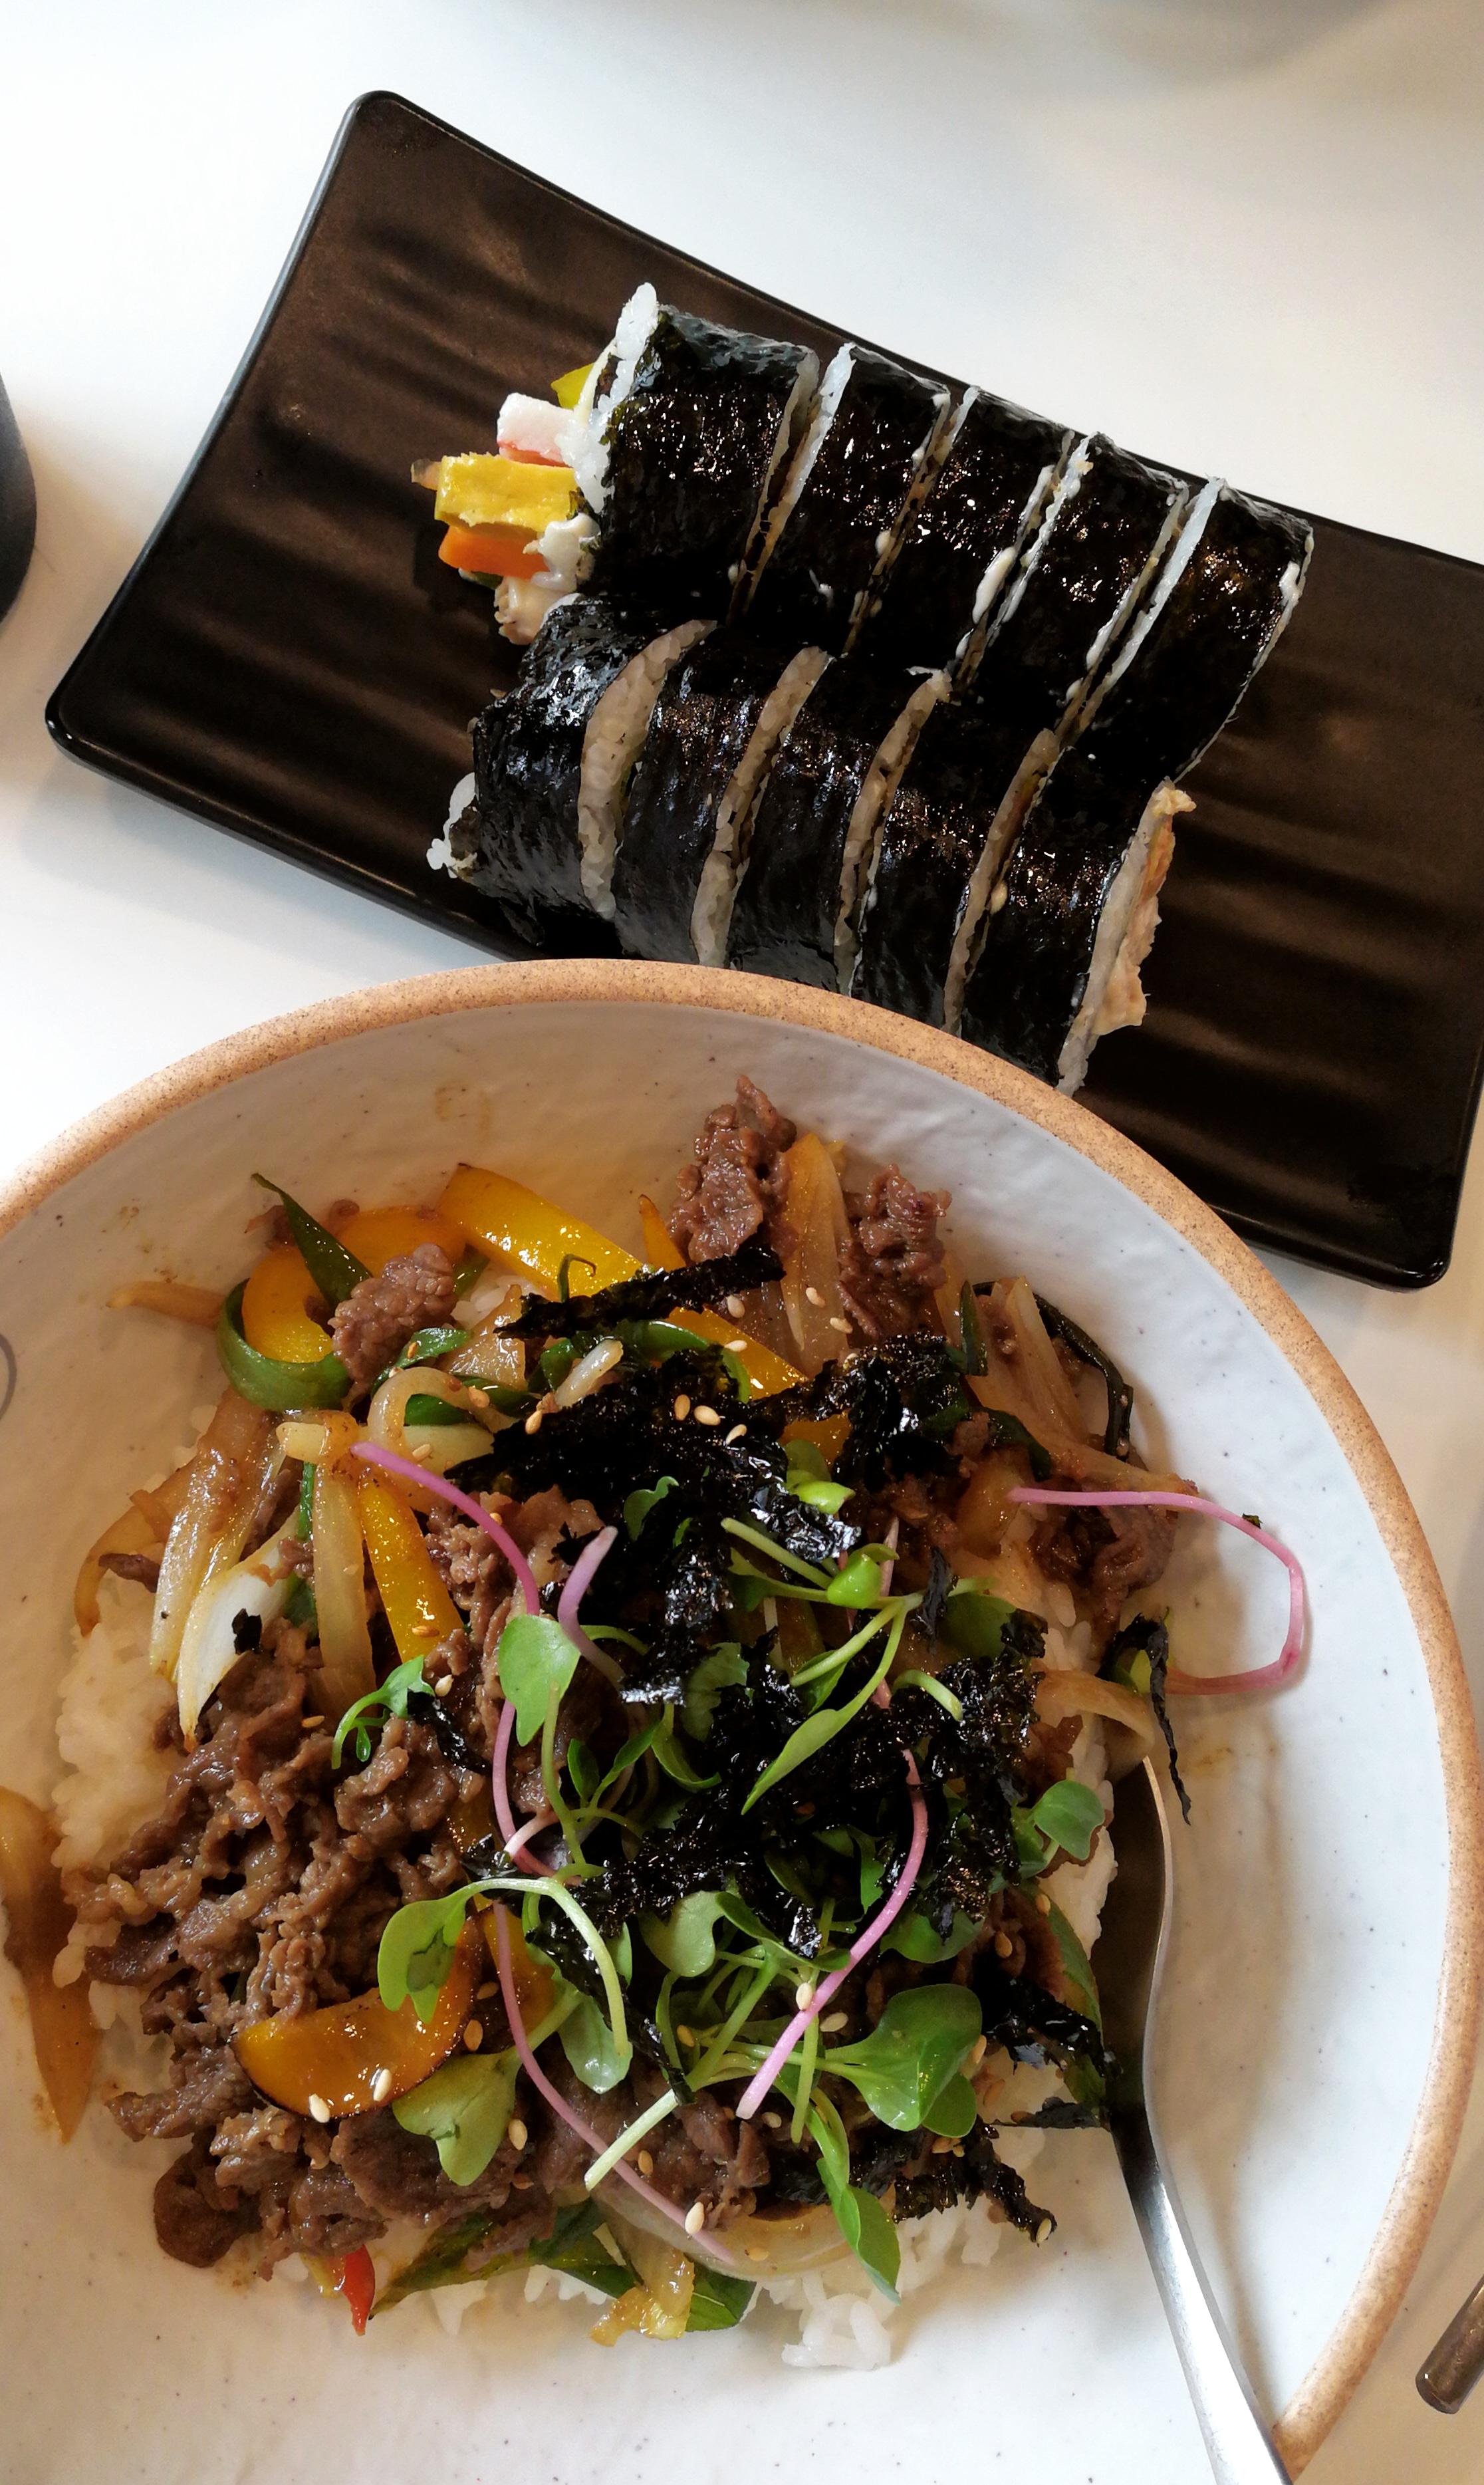 Gimbap and bulgogi on rice.